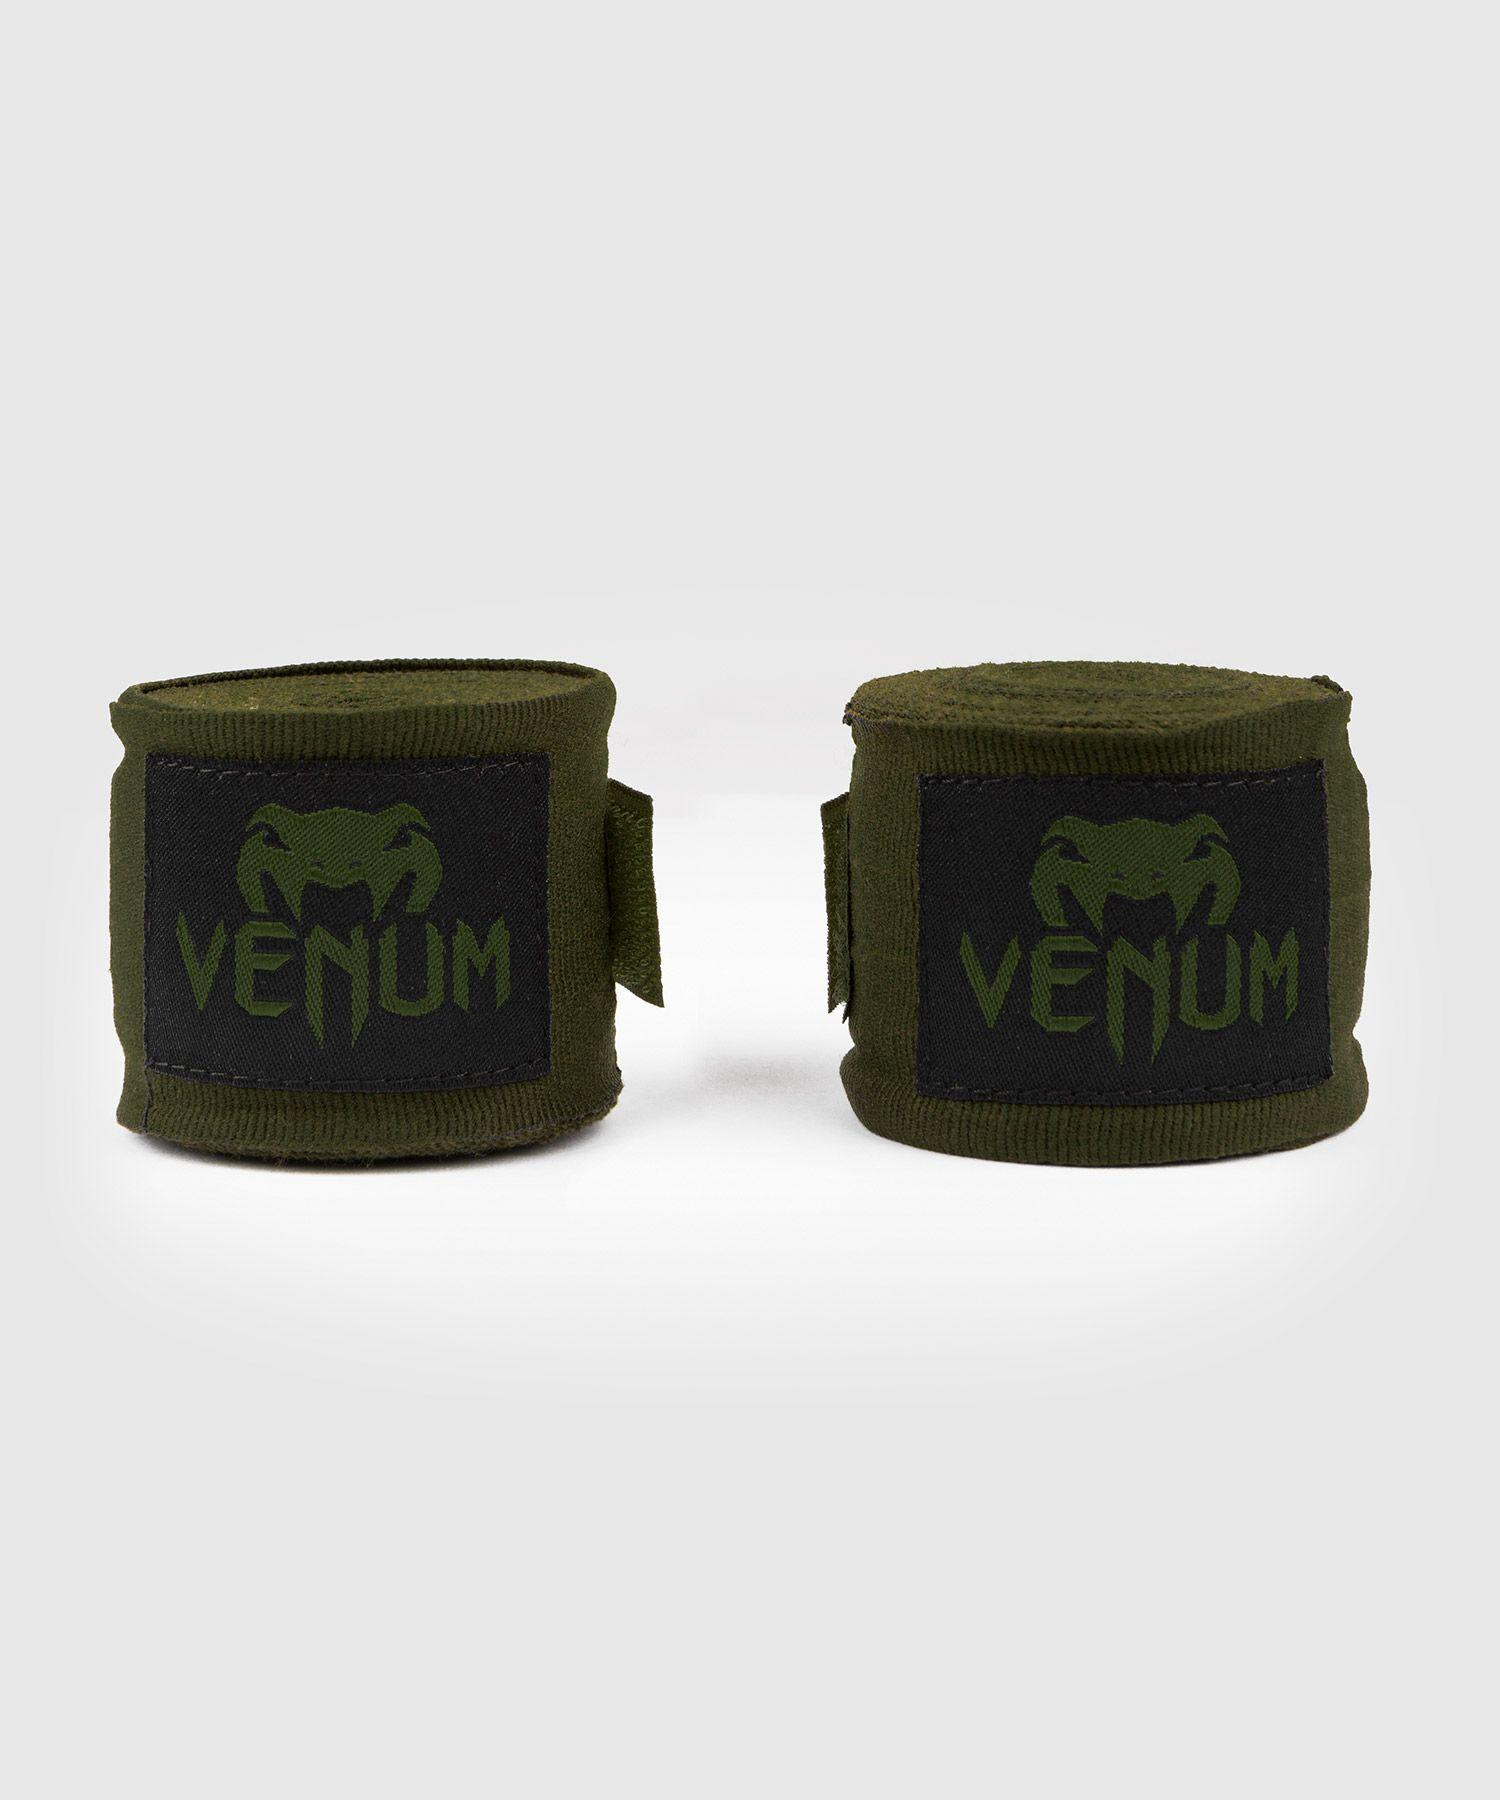 베넘 컨택트 복싱 핸드랩 - 2.5m - 카키/블랙